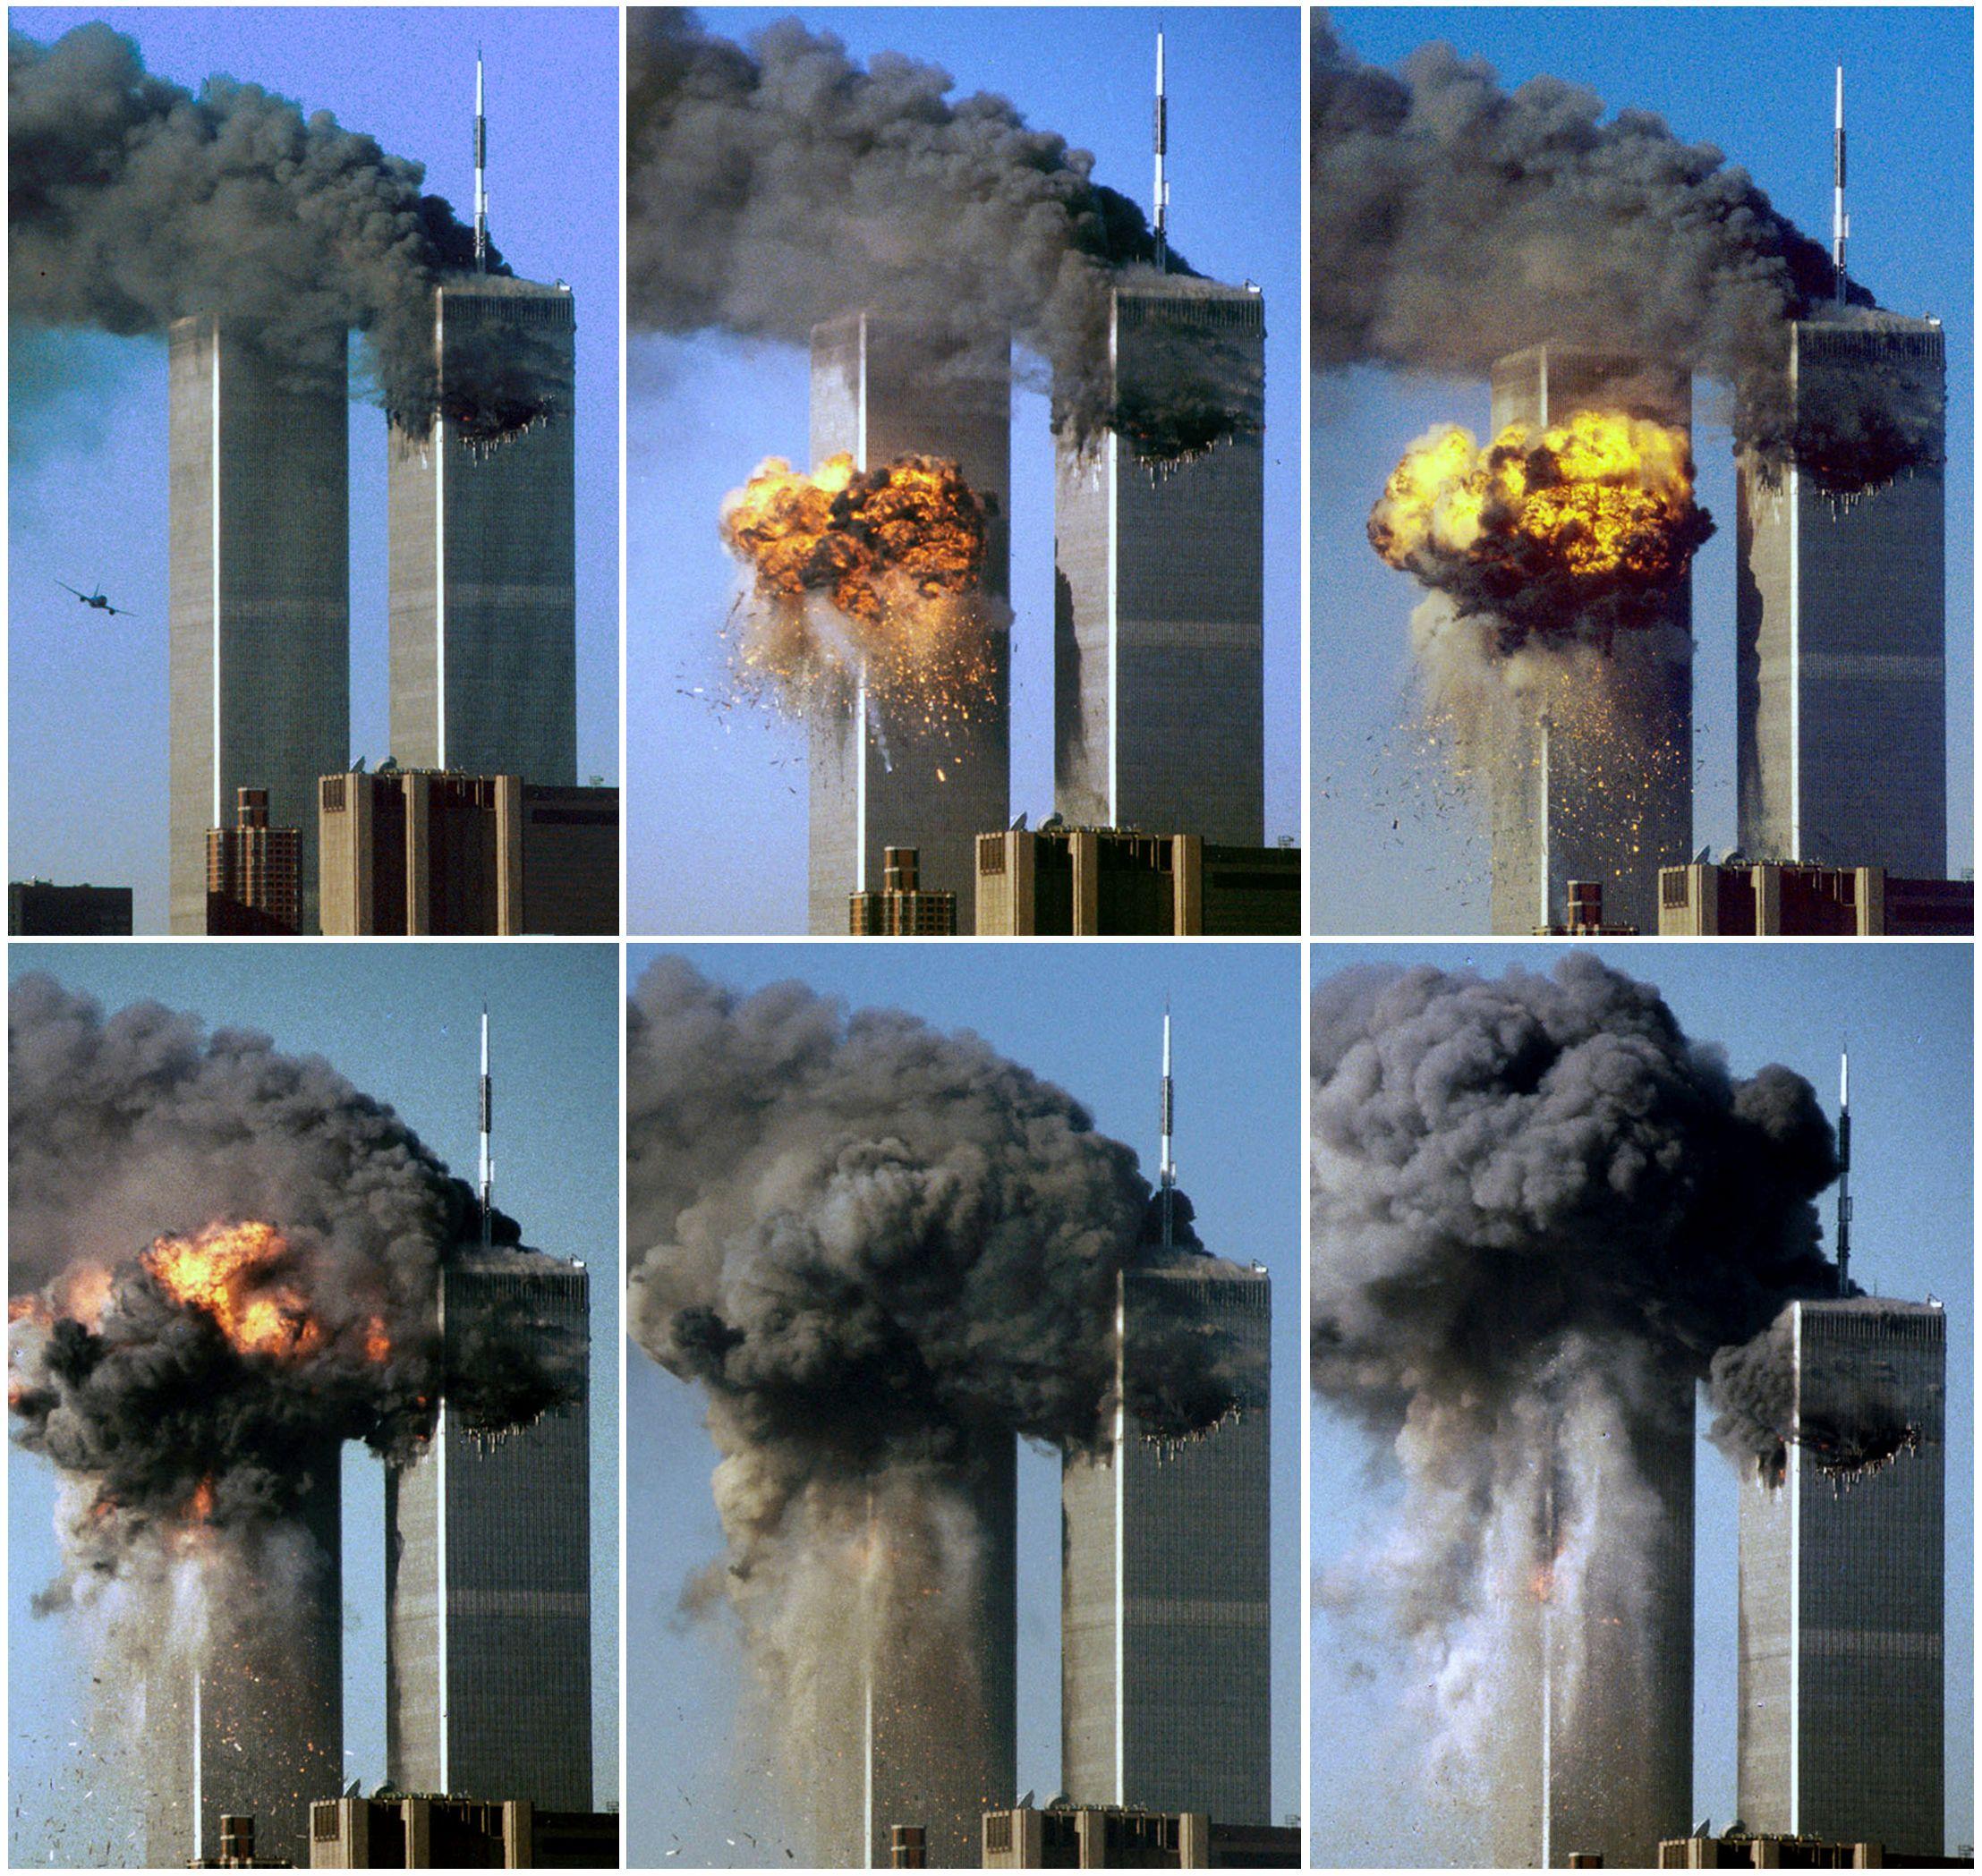 11-septembre: Obama met son veto à une loi autorisant des poursuites contre l'Arabie saoudite